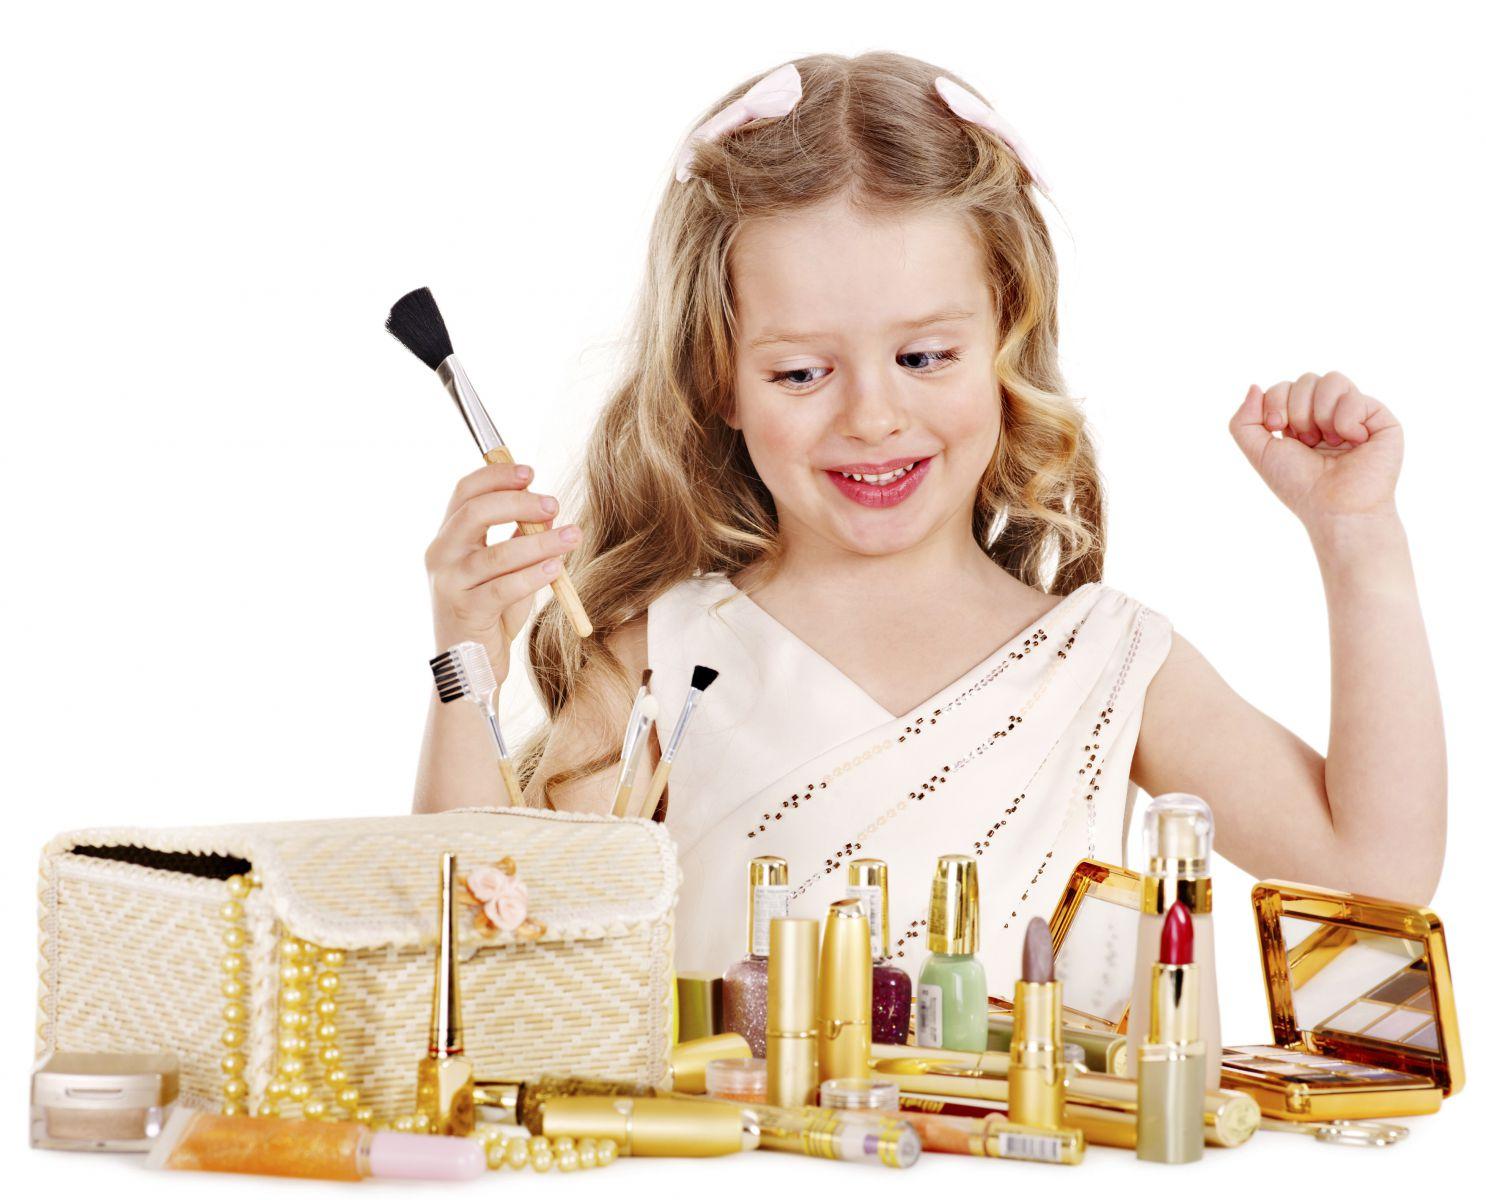 200893afb5c0cf Goede verzorging. In de puberteit is het belangrijk om je gezicht goed te  verzorgen, vooral als je te maken hebt met (veel) jeugdpuistjes.